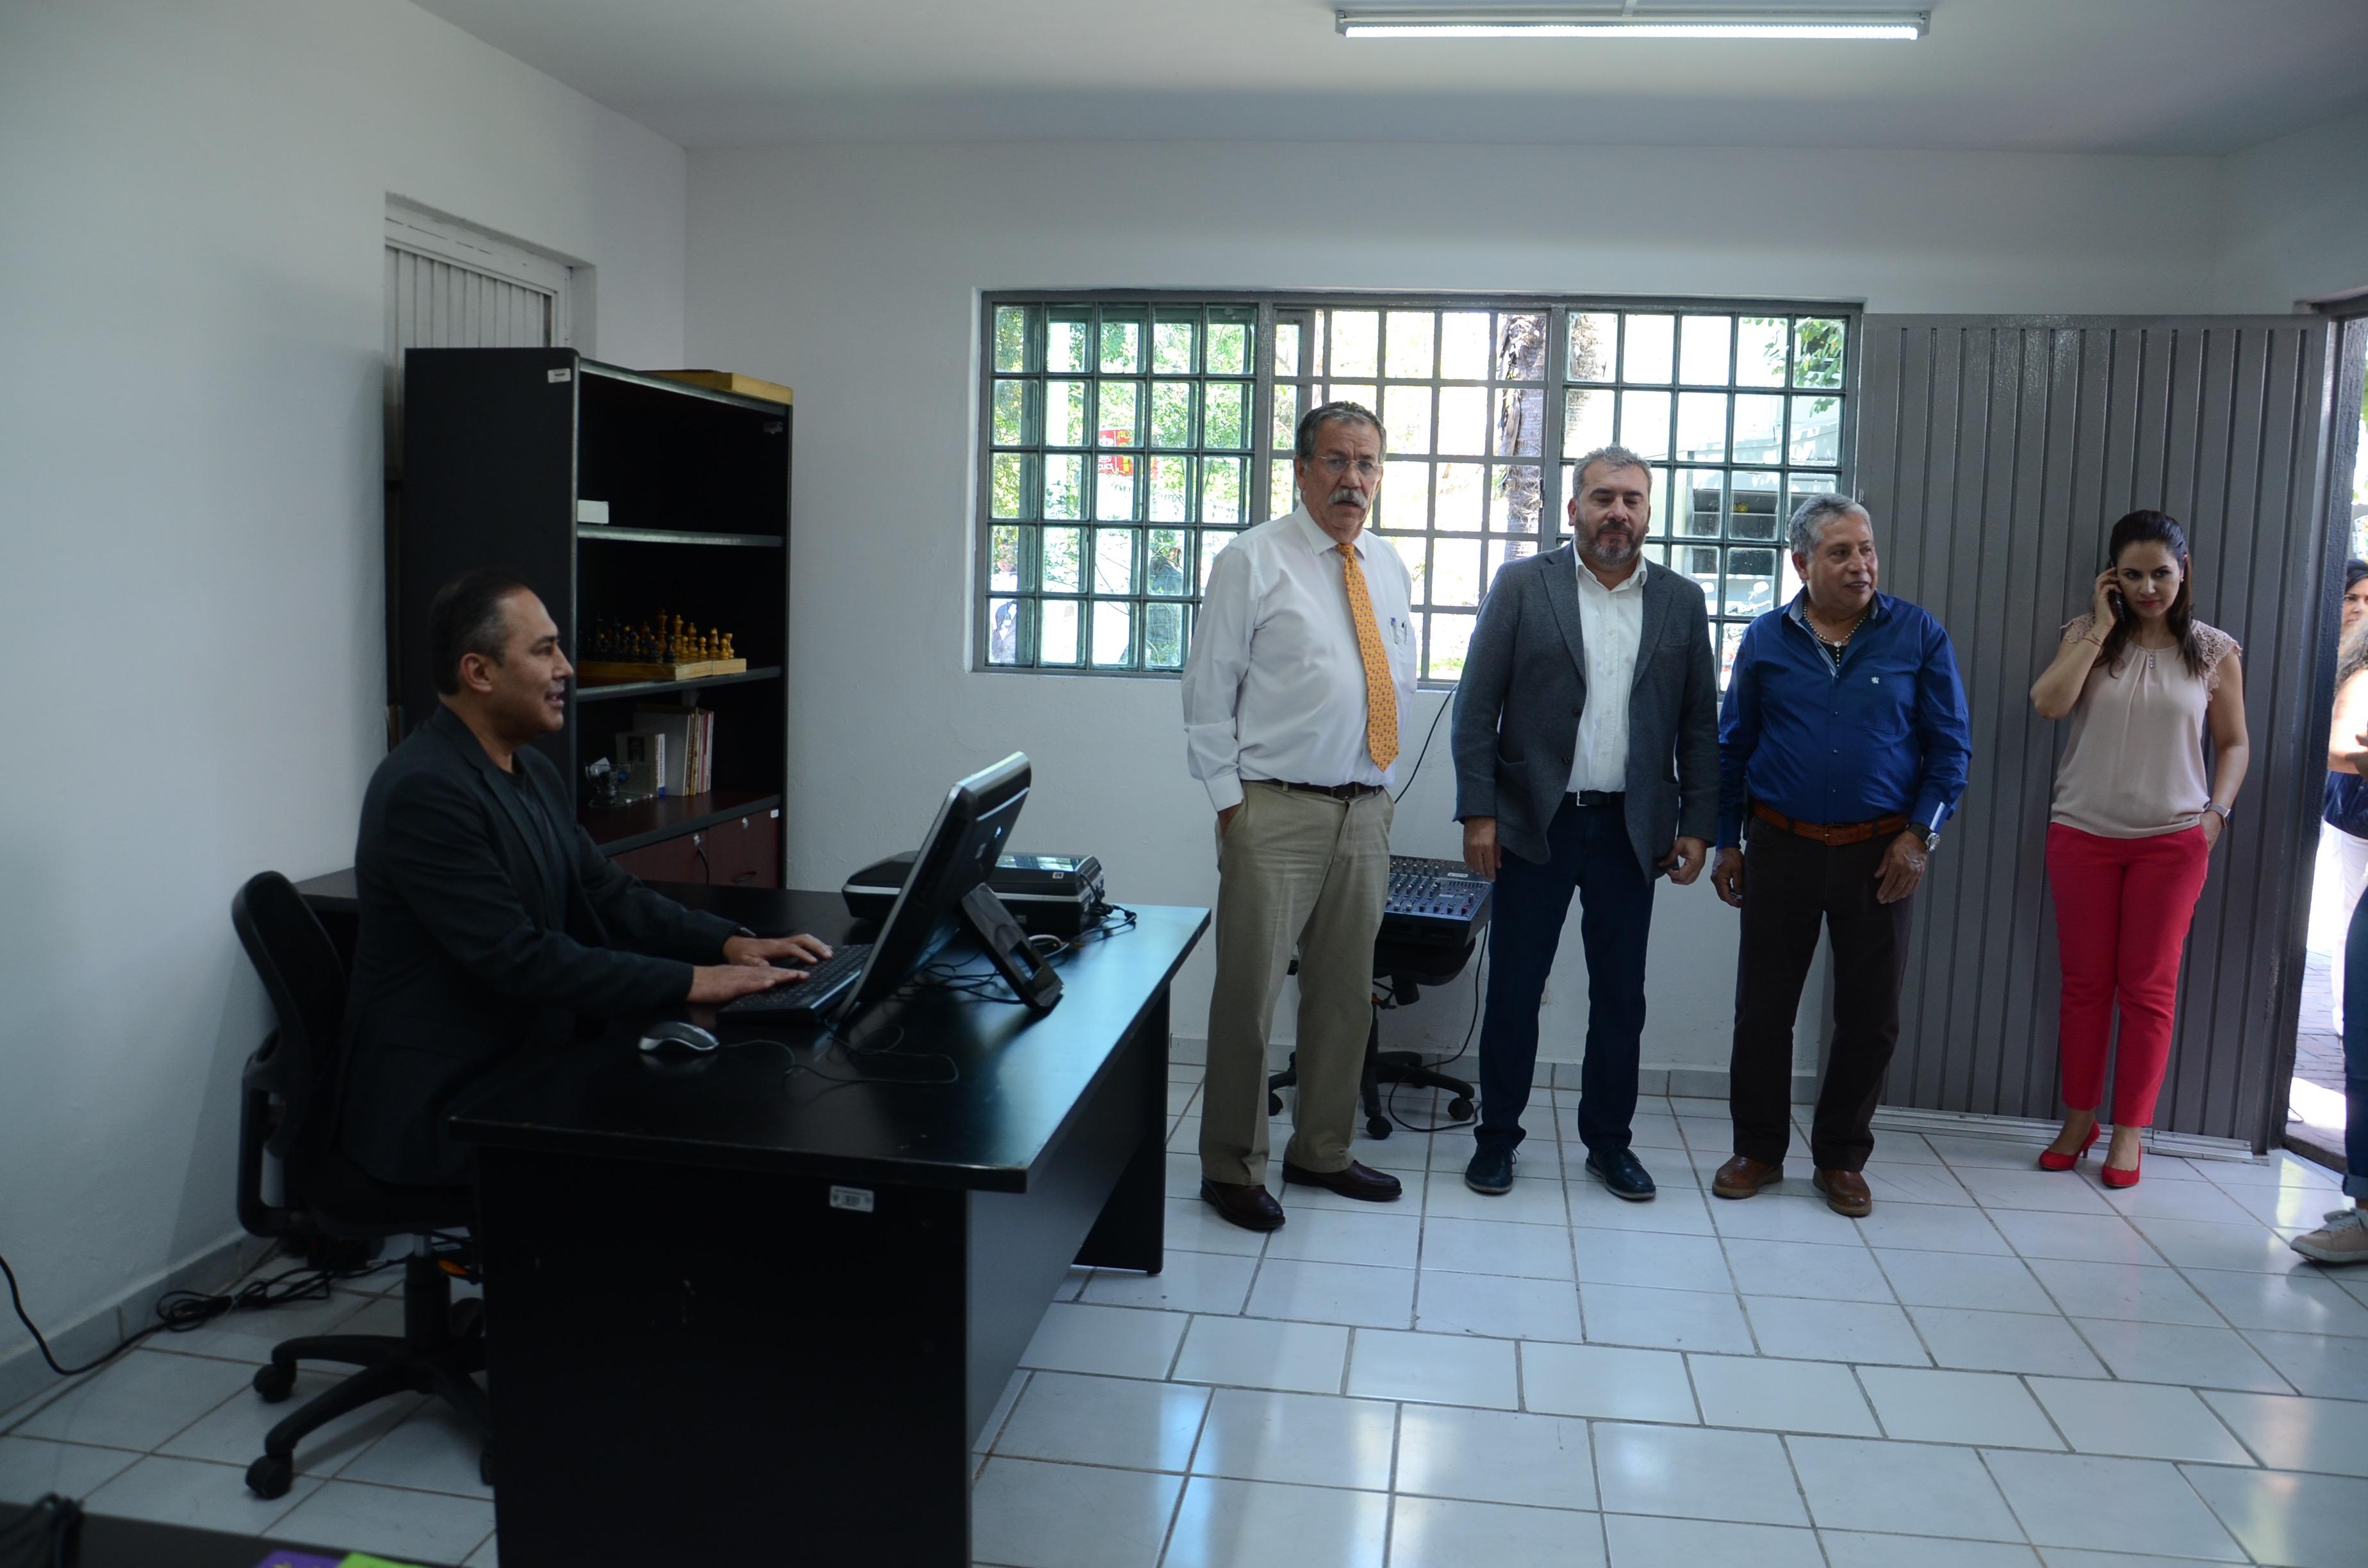 Autoridades y trabajadores observando el interior de las nuevas instalaciones